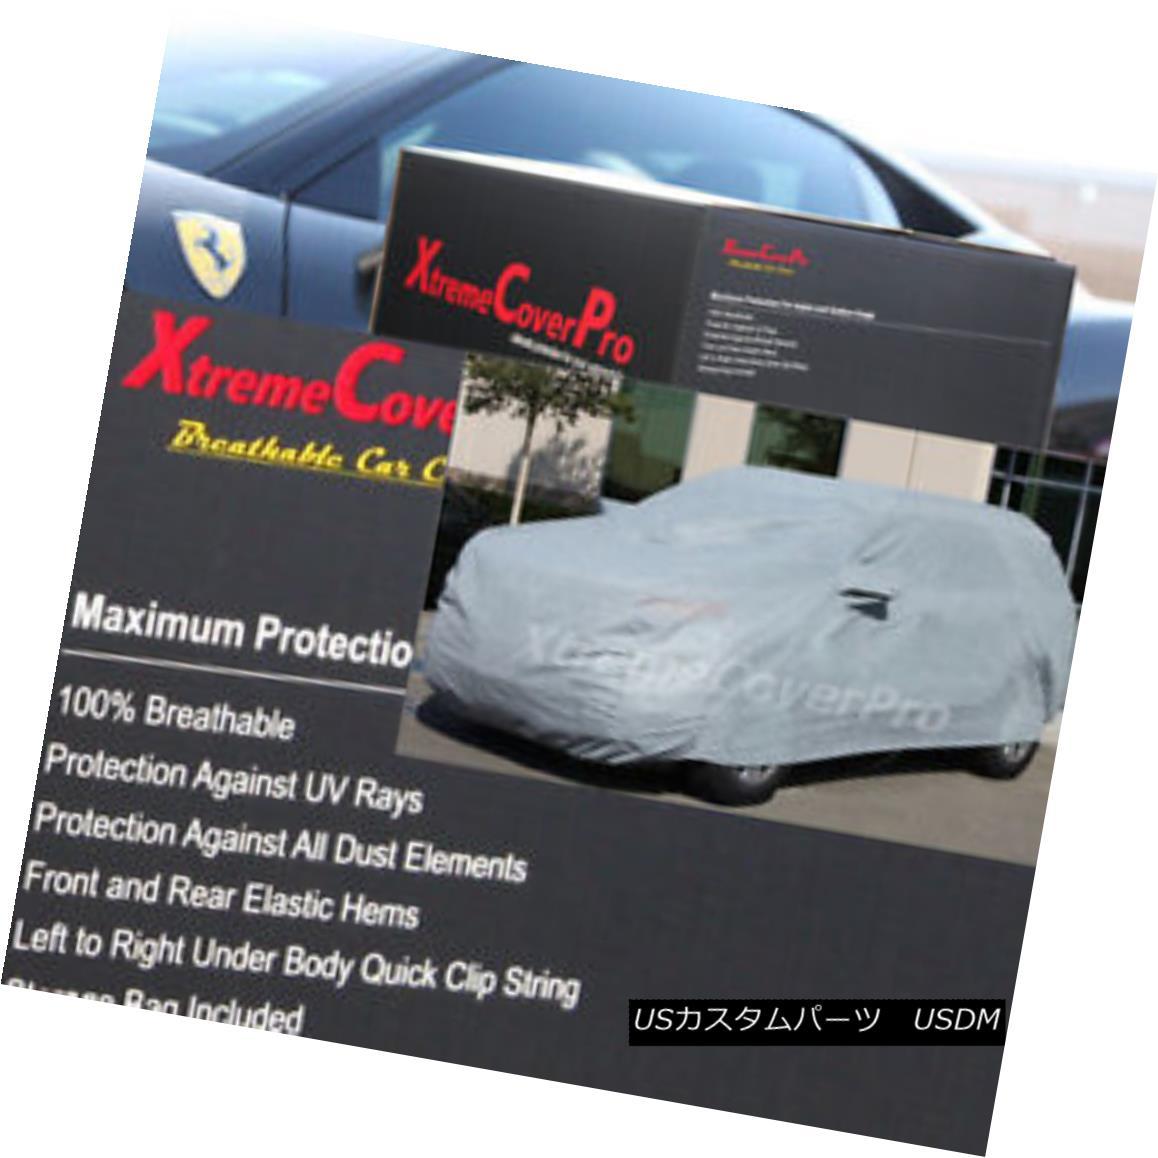 カーカバー 2002 2003 2004 2005 Pontiac Montana Breathable Car Cover w/MirrorPocket 2002年2003年2004年2005年Pontiac Montana通気性車カバー付きMirrorPocket